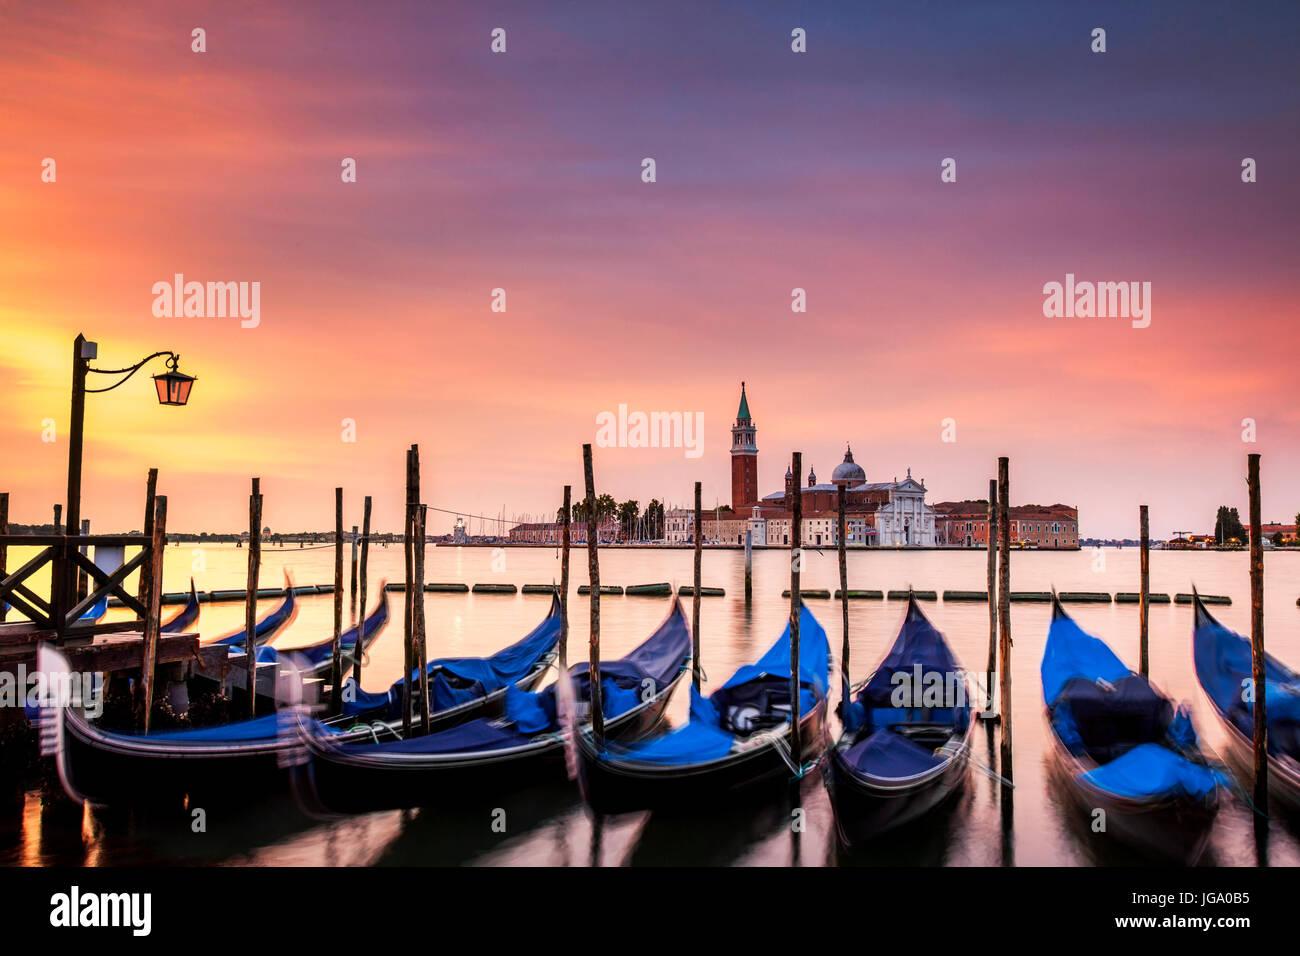 Amanecer sobre el Gran Canal de Venecia, Italia. La isla de San Giorgio es en el fondo Imagen De Stock